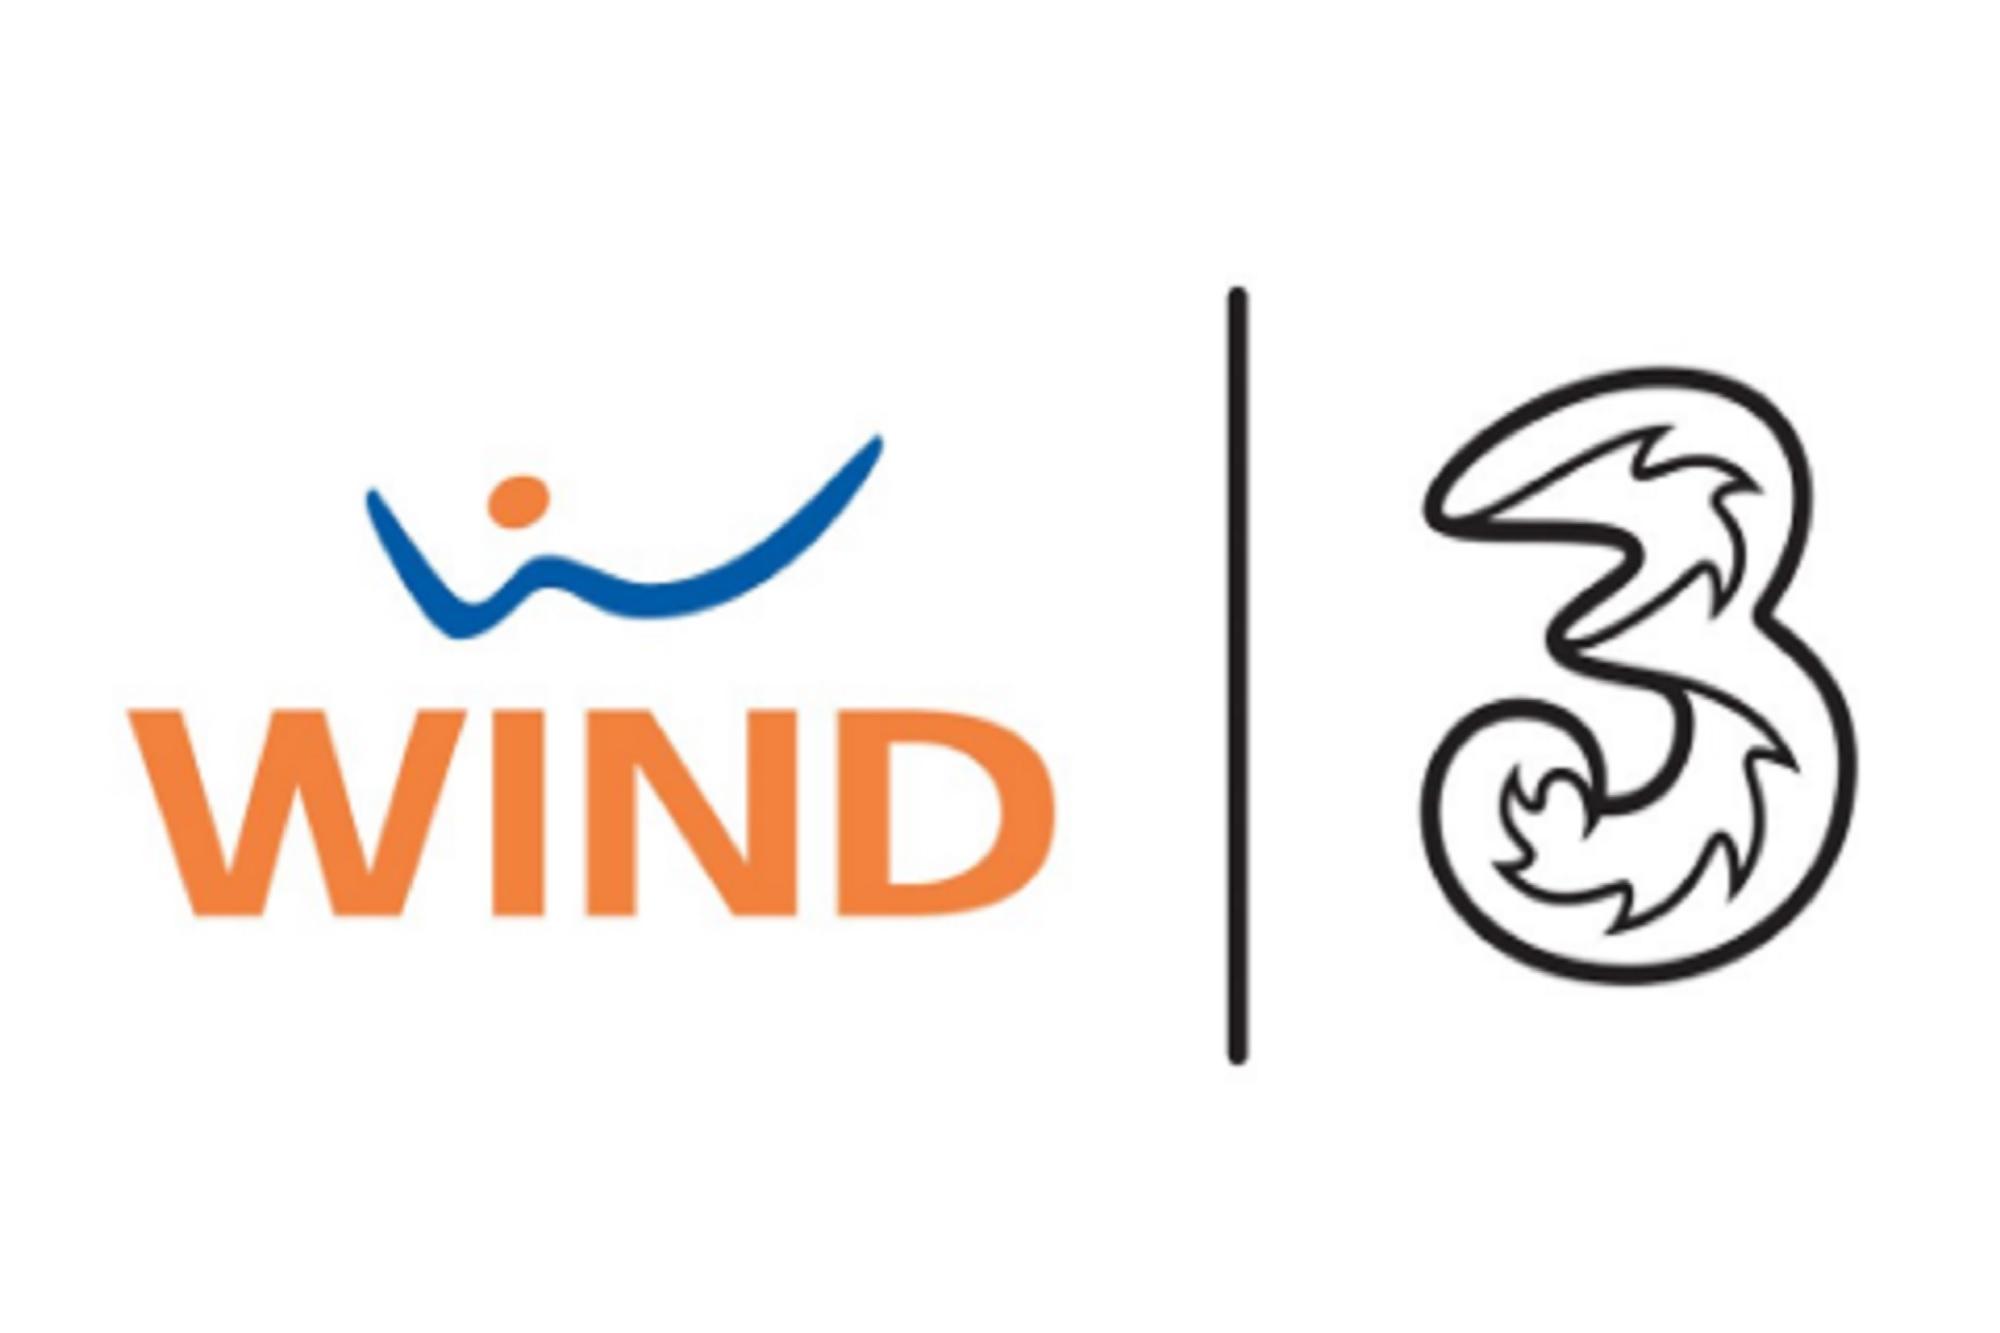 Wind All Digital, per chi fa tutto online - Webnews